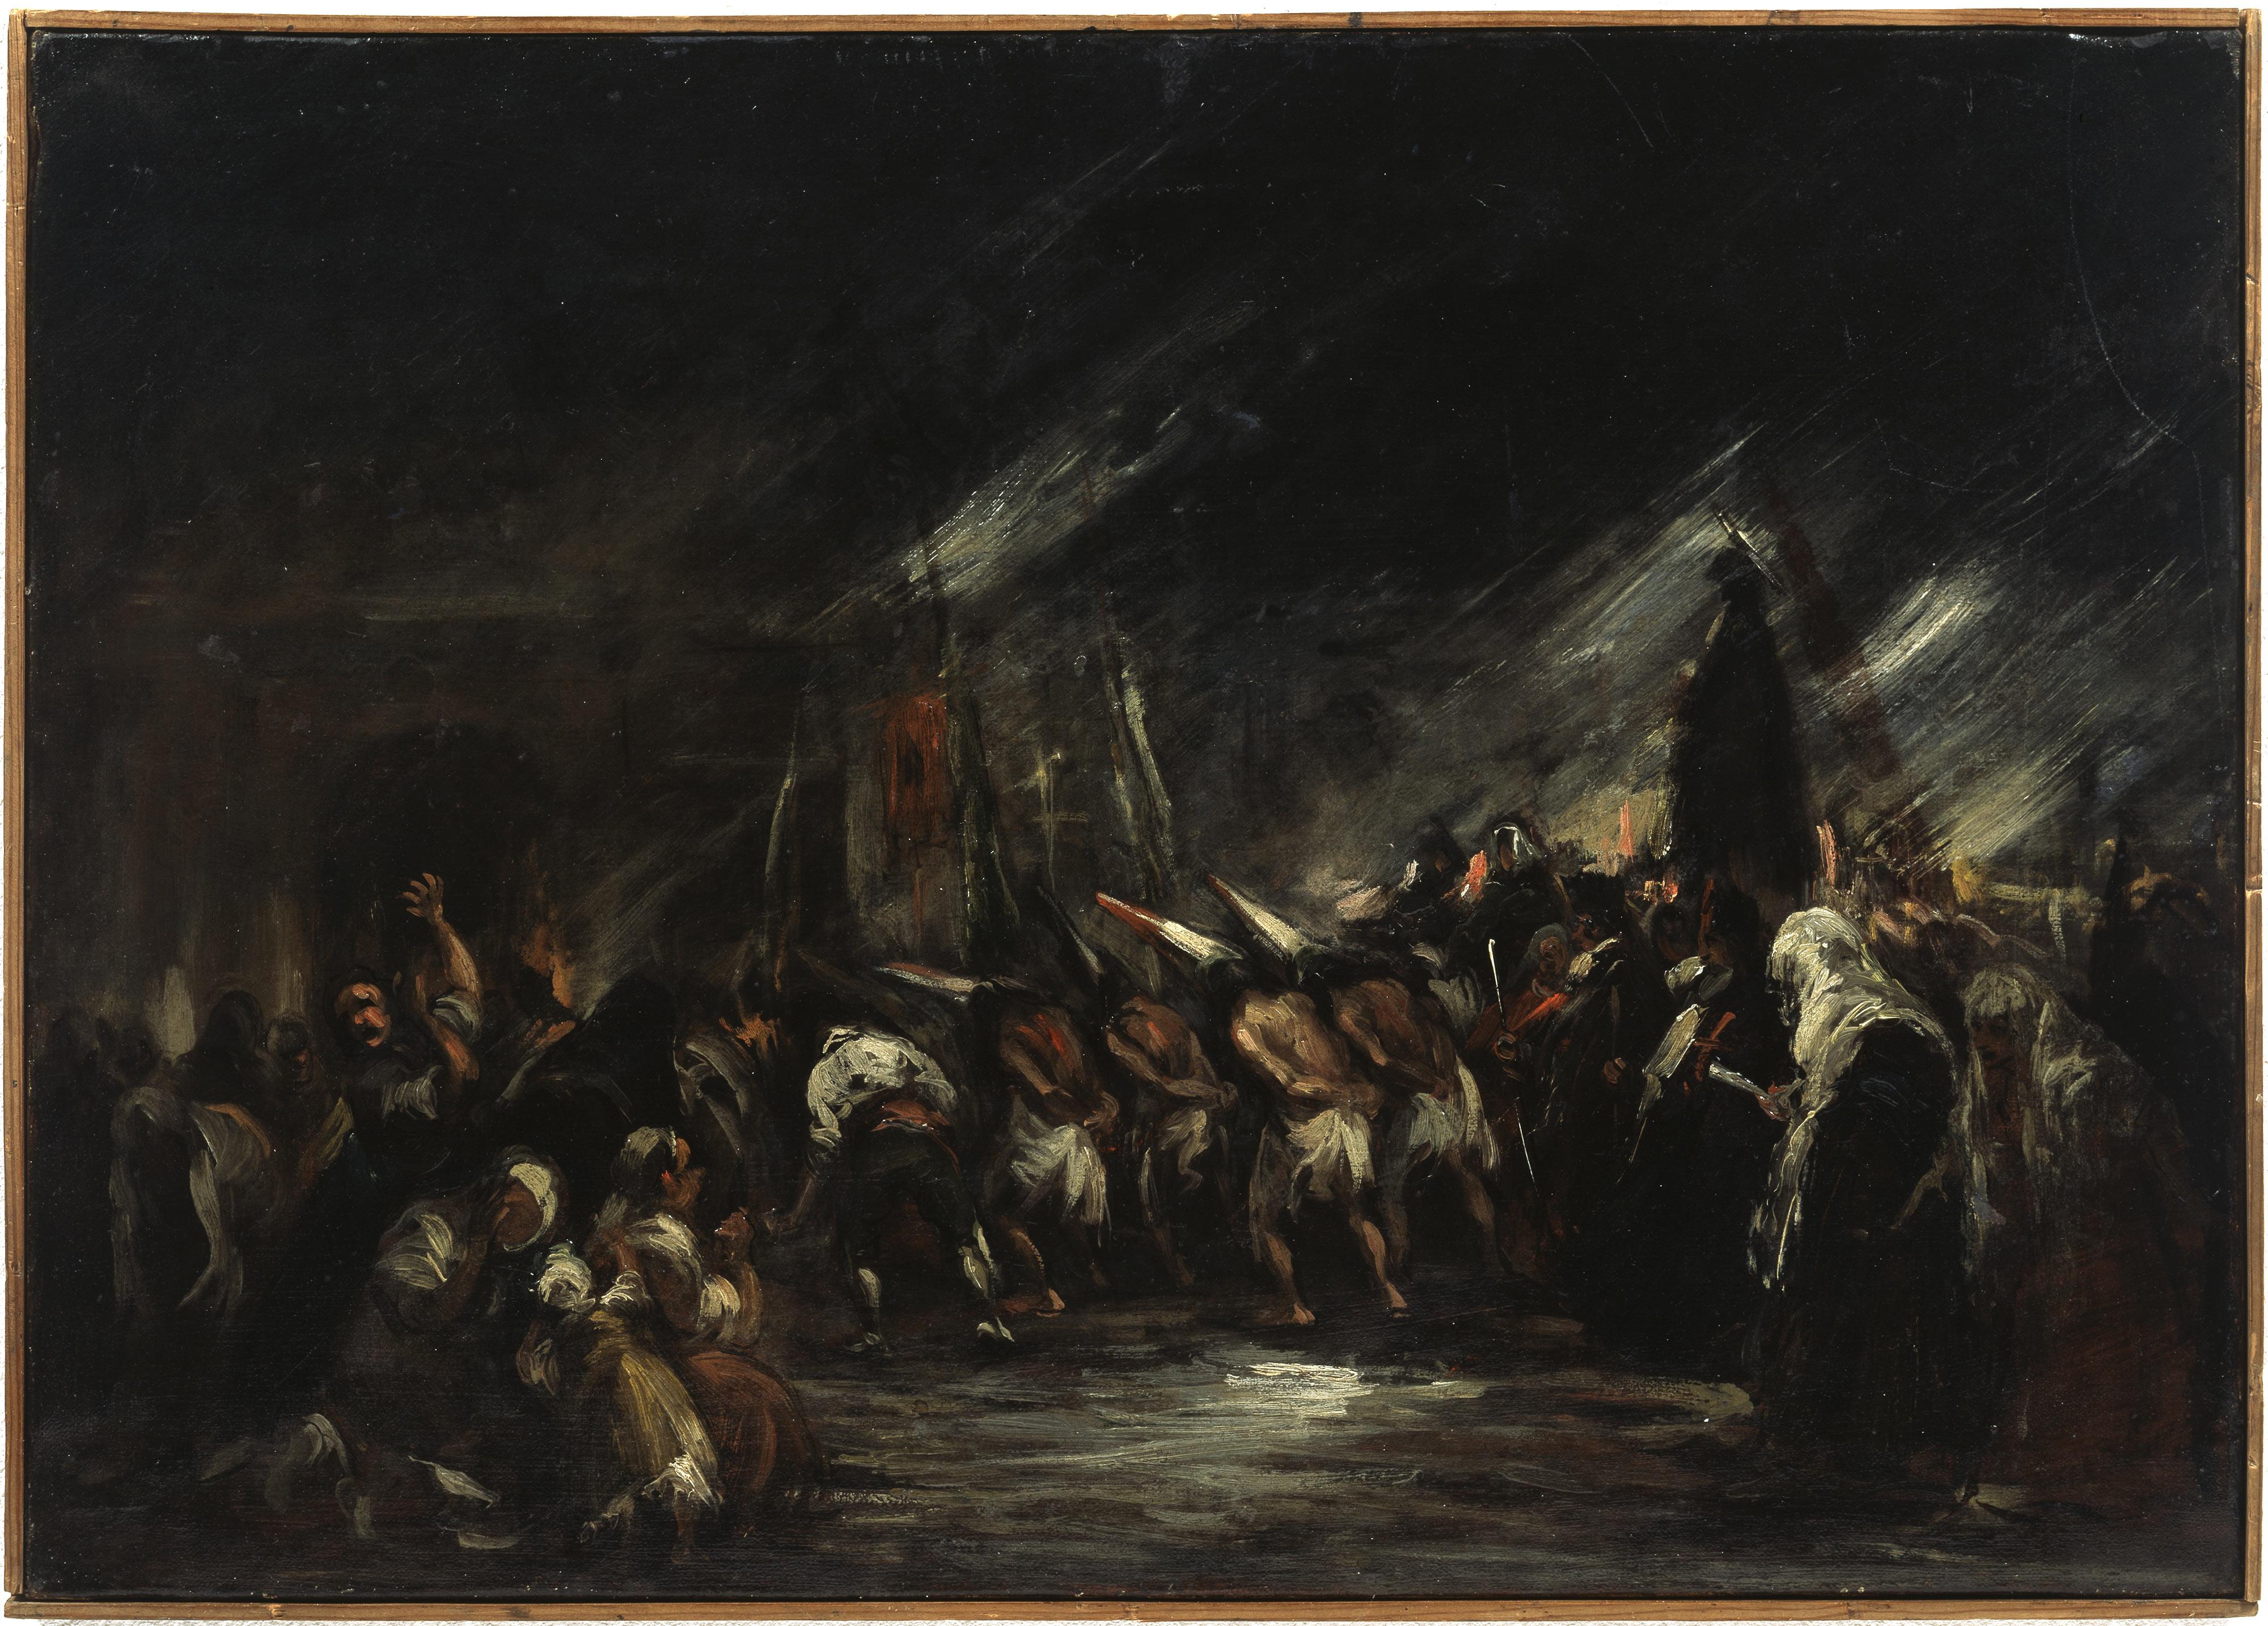 Círculo de Goya – Procesión de disciplinantes